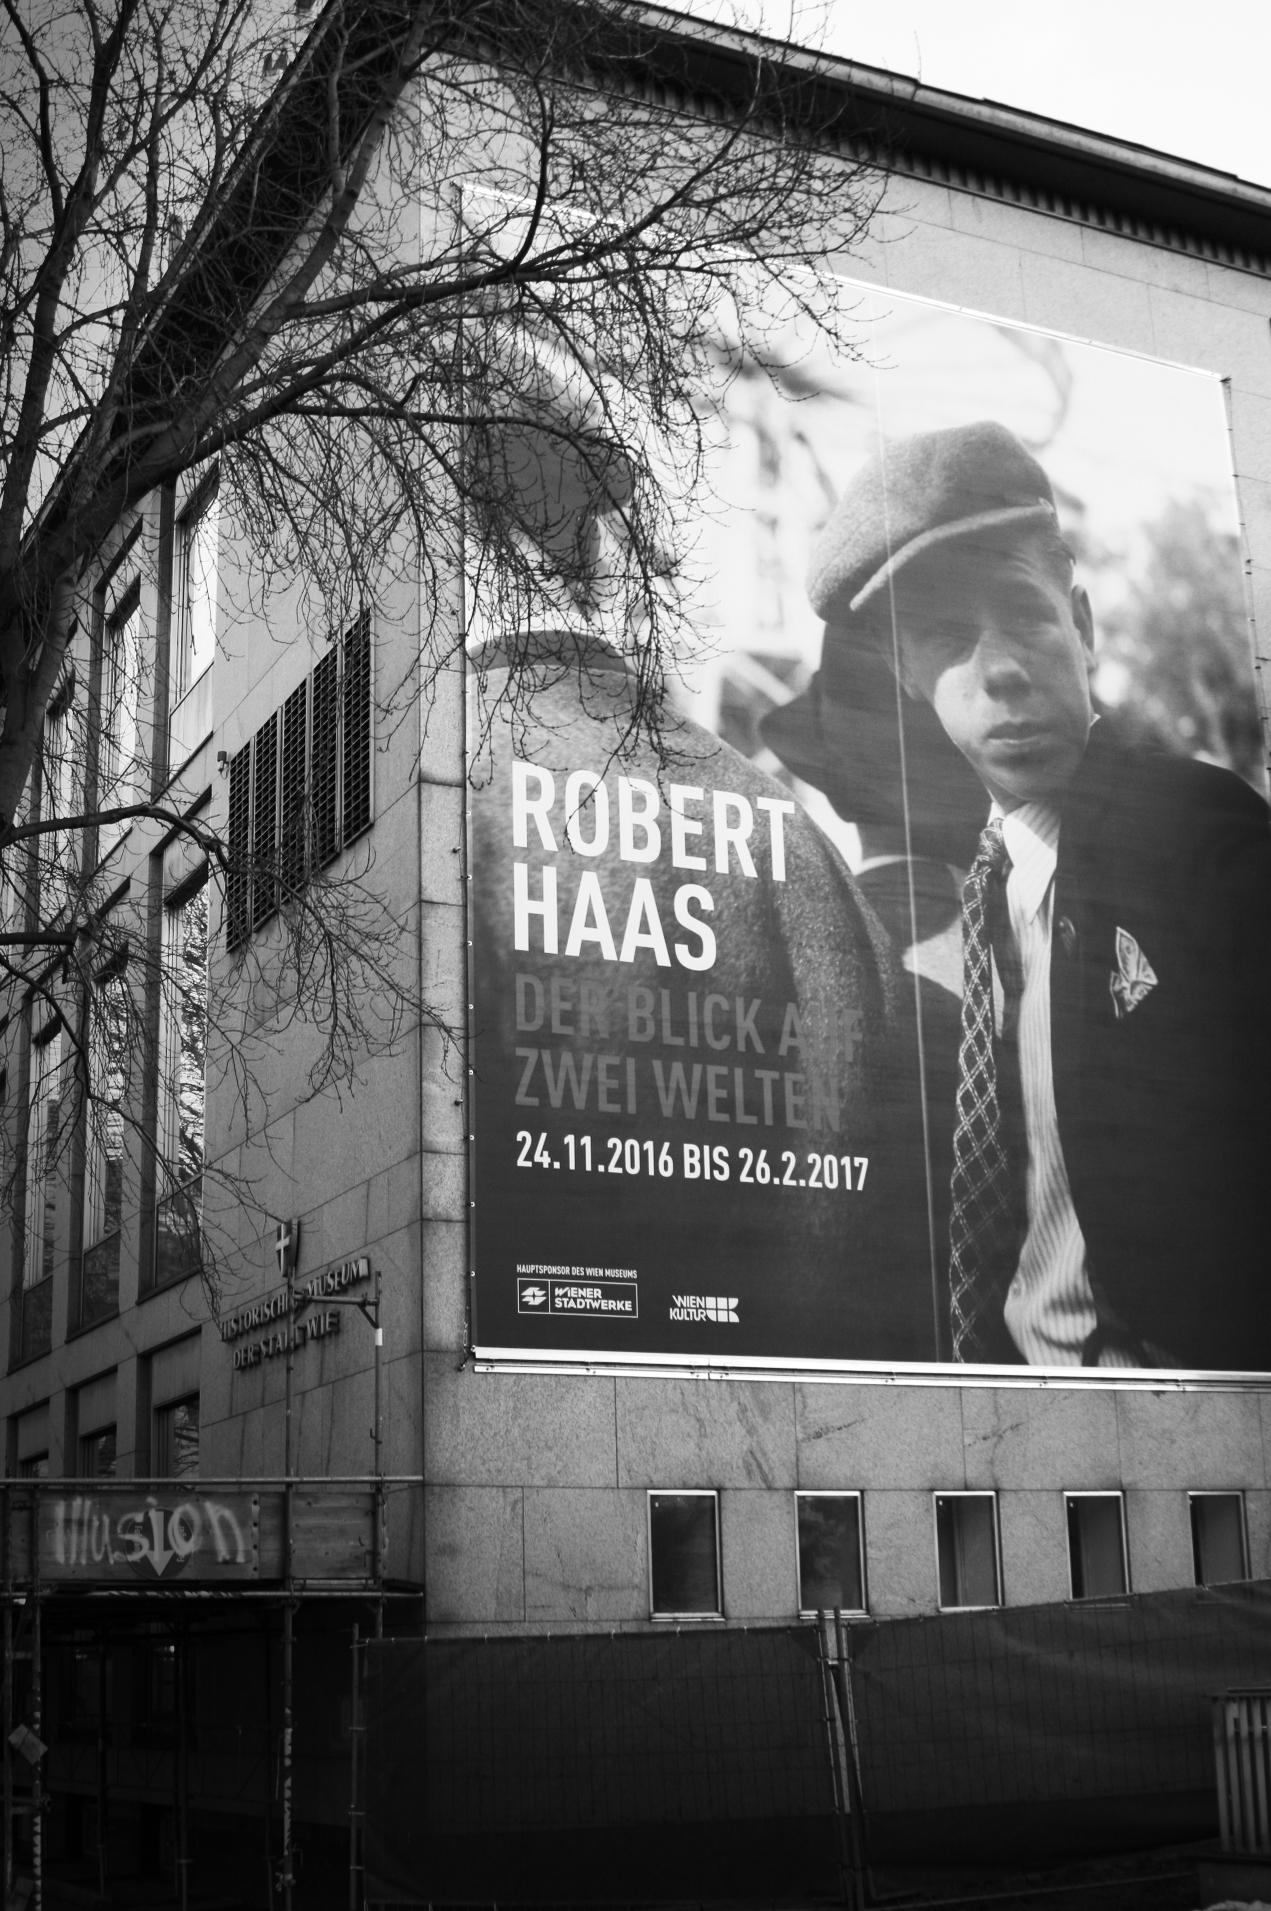 Robert-Haas-Ausstellung: Streetphotography, made in Vienna